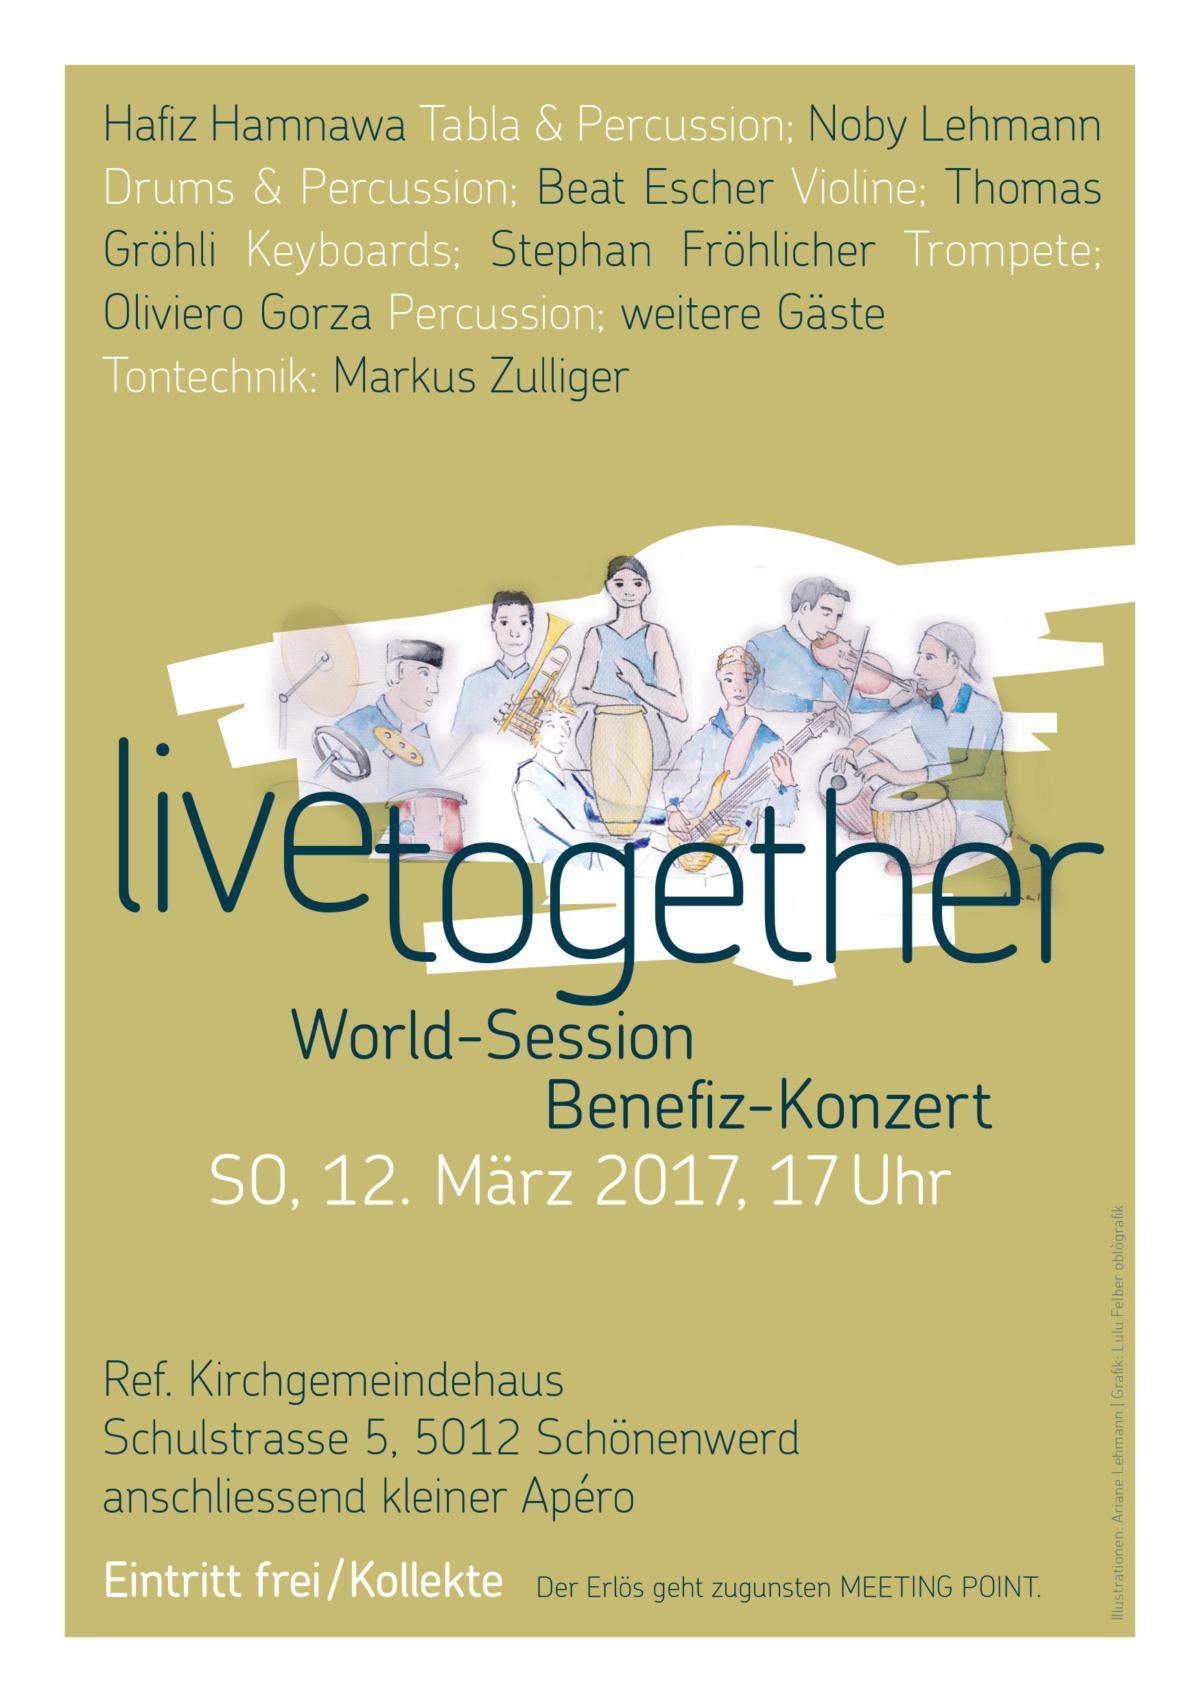 Benefiz-Konzert Agostini Drum School Olten